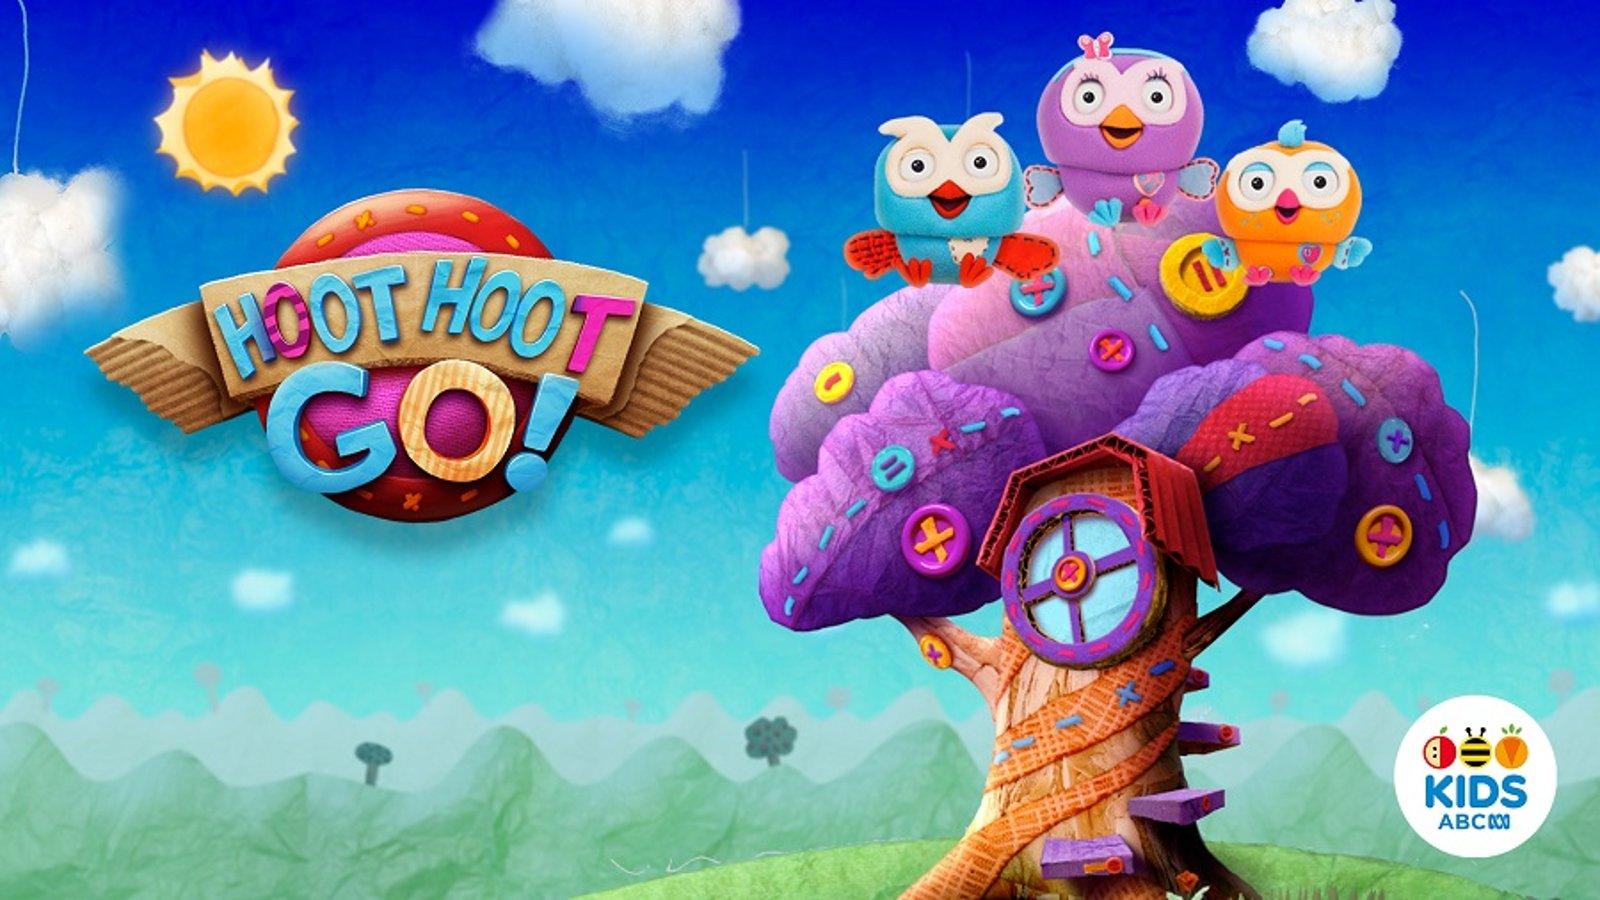 Hoot, Hoot, Go!